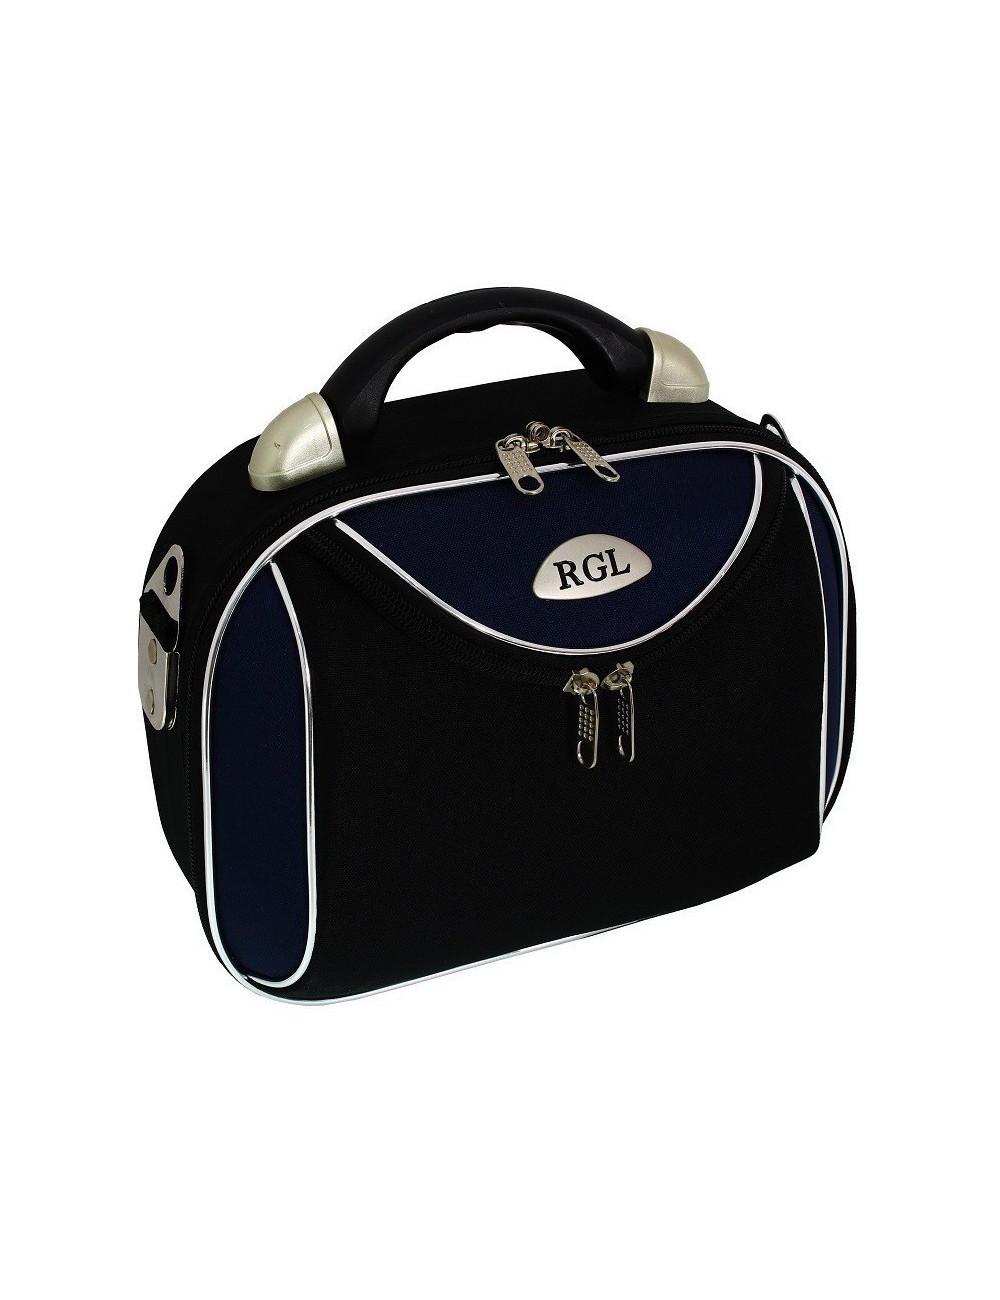 Mały kuferek podróżny kosmetyczka 773 L - granatowo-czarny